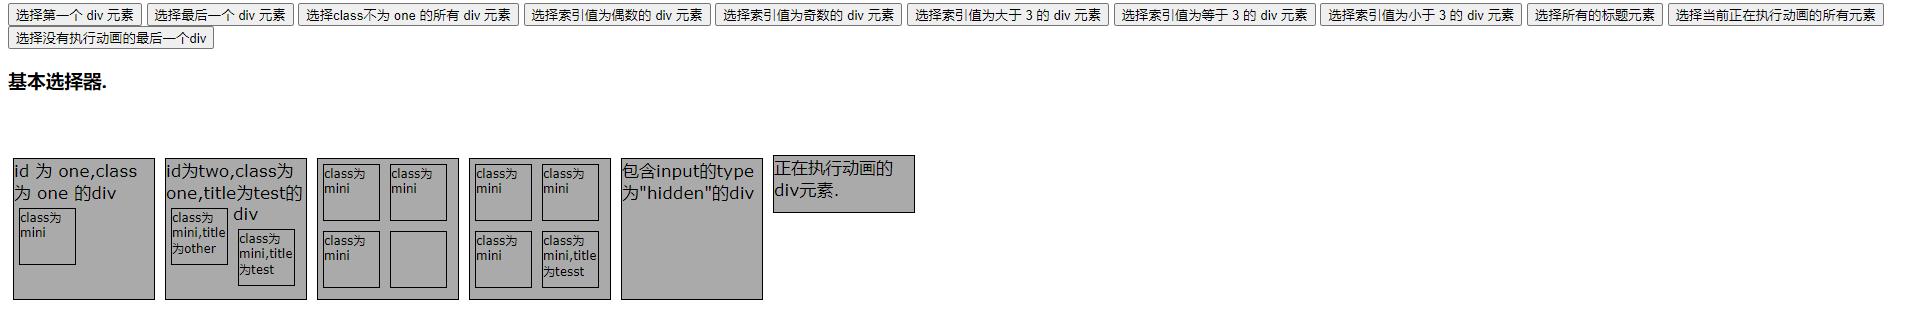 image-20201202151922799